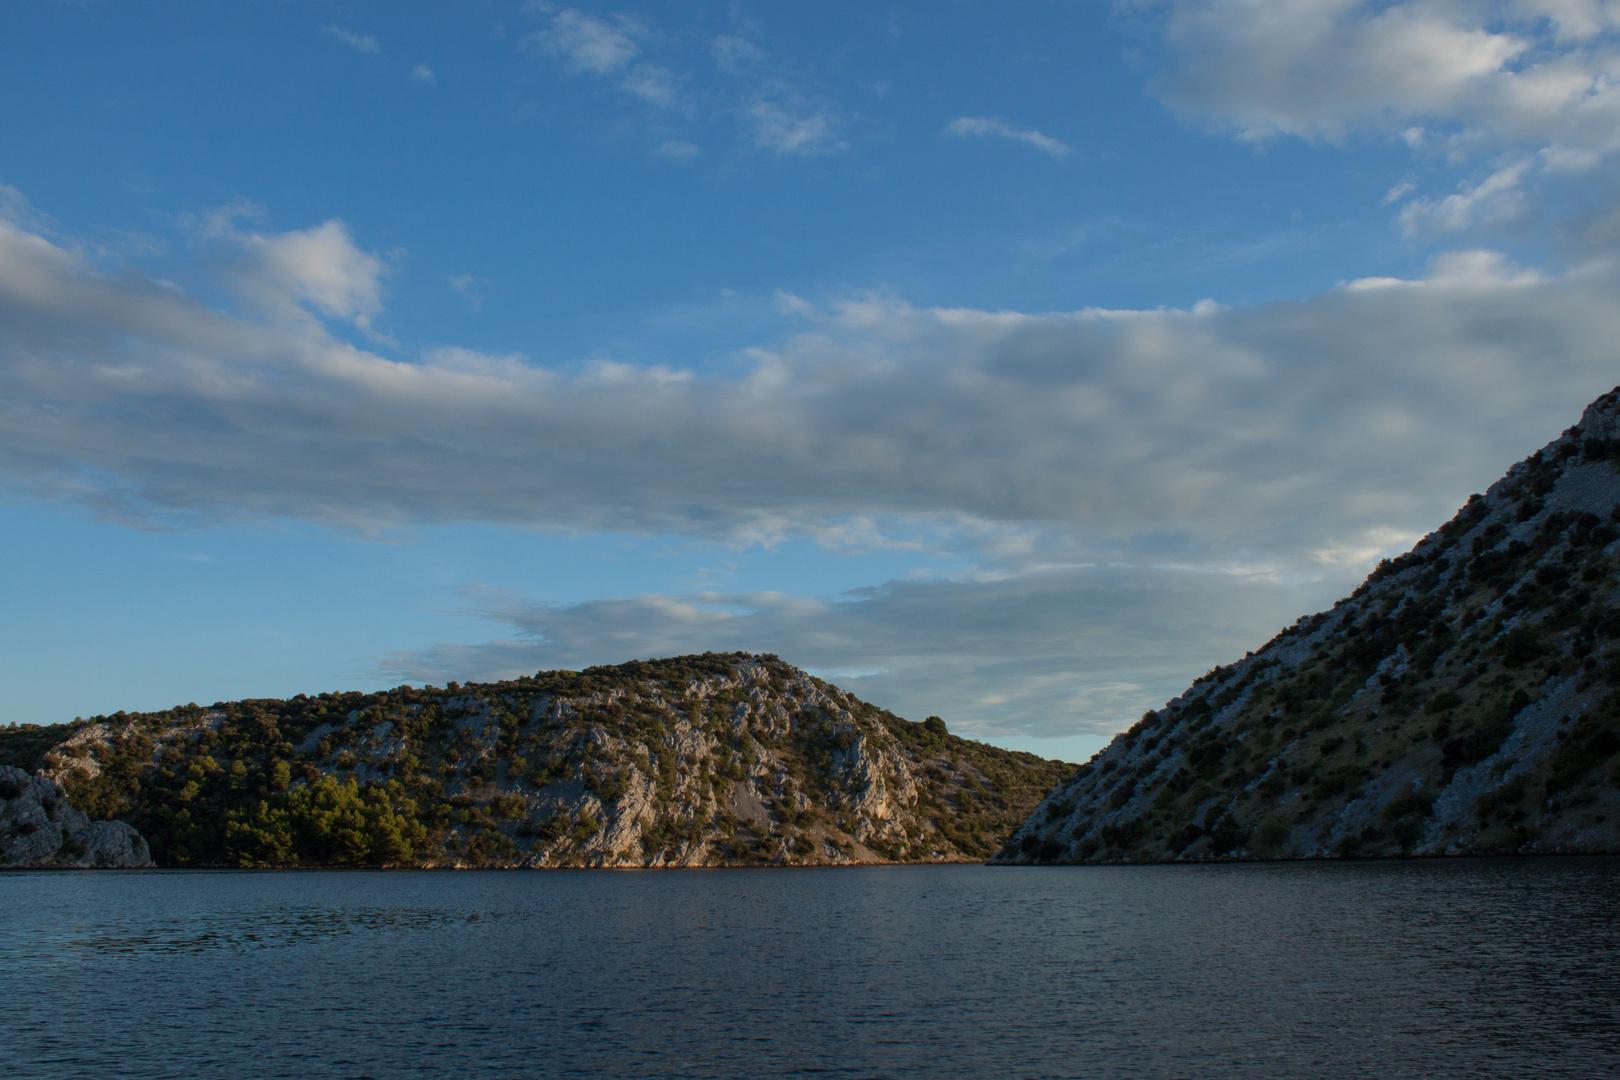 Auf der Krka unterwegs von Skradin nach Sibenik